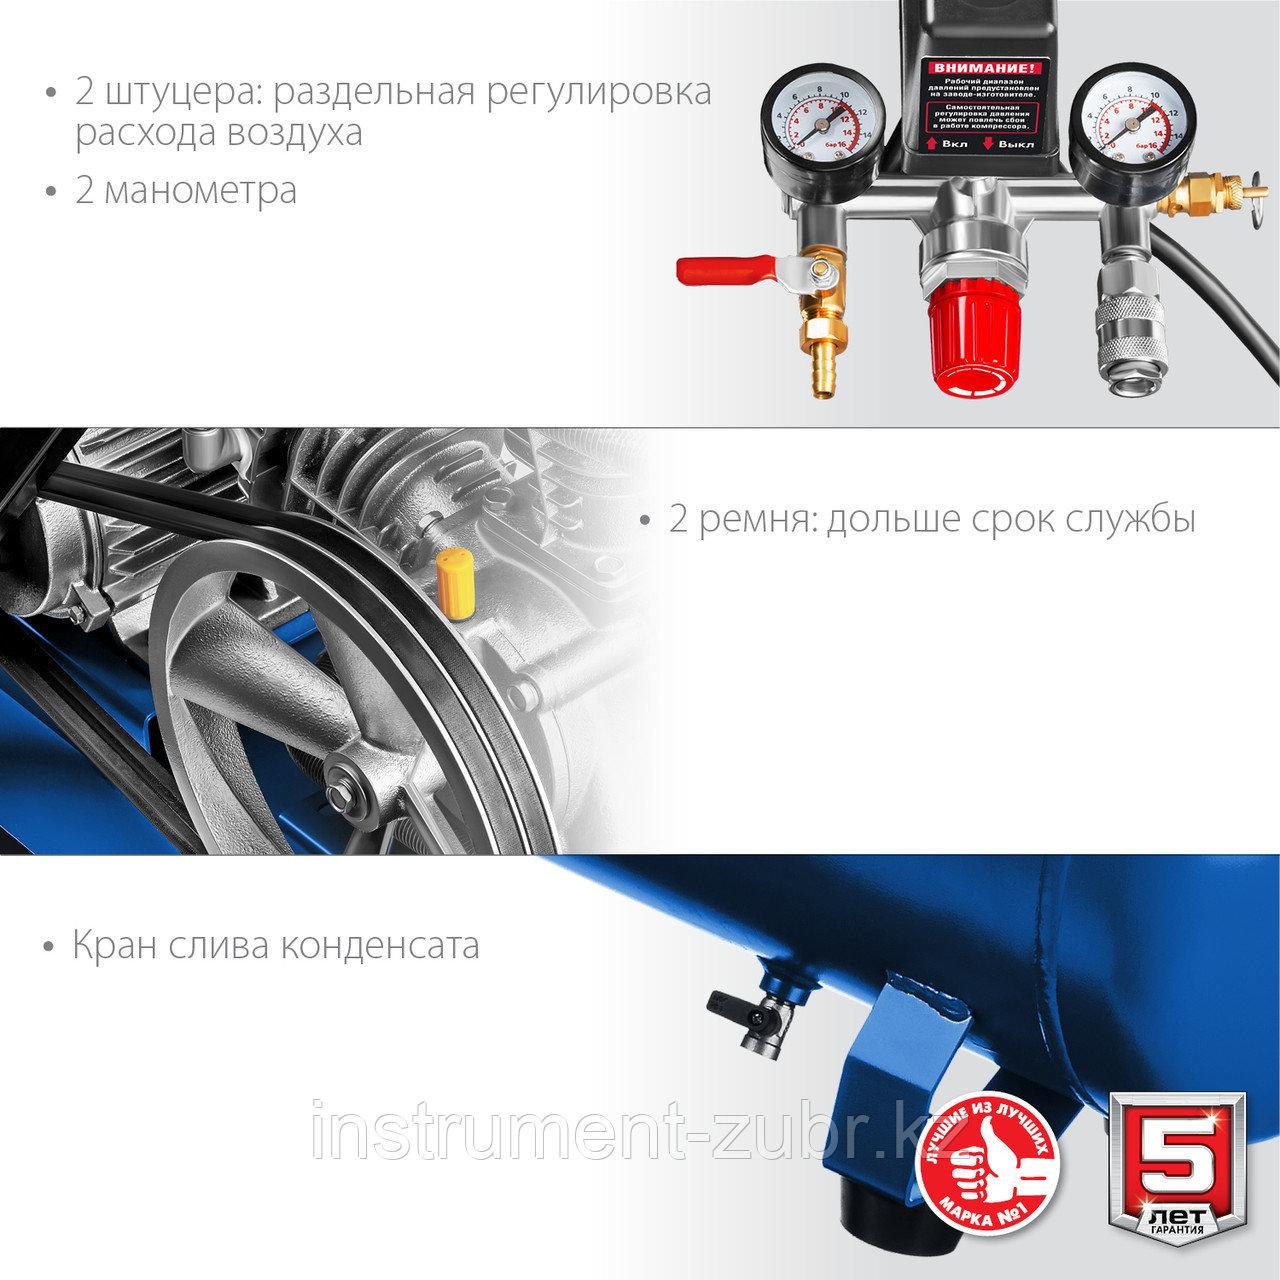 Компрессор ременной, 380 В, 530 л/мин, 100 л, 3000 Вт, ЗУБР - фото 4